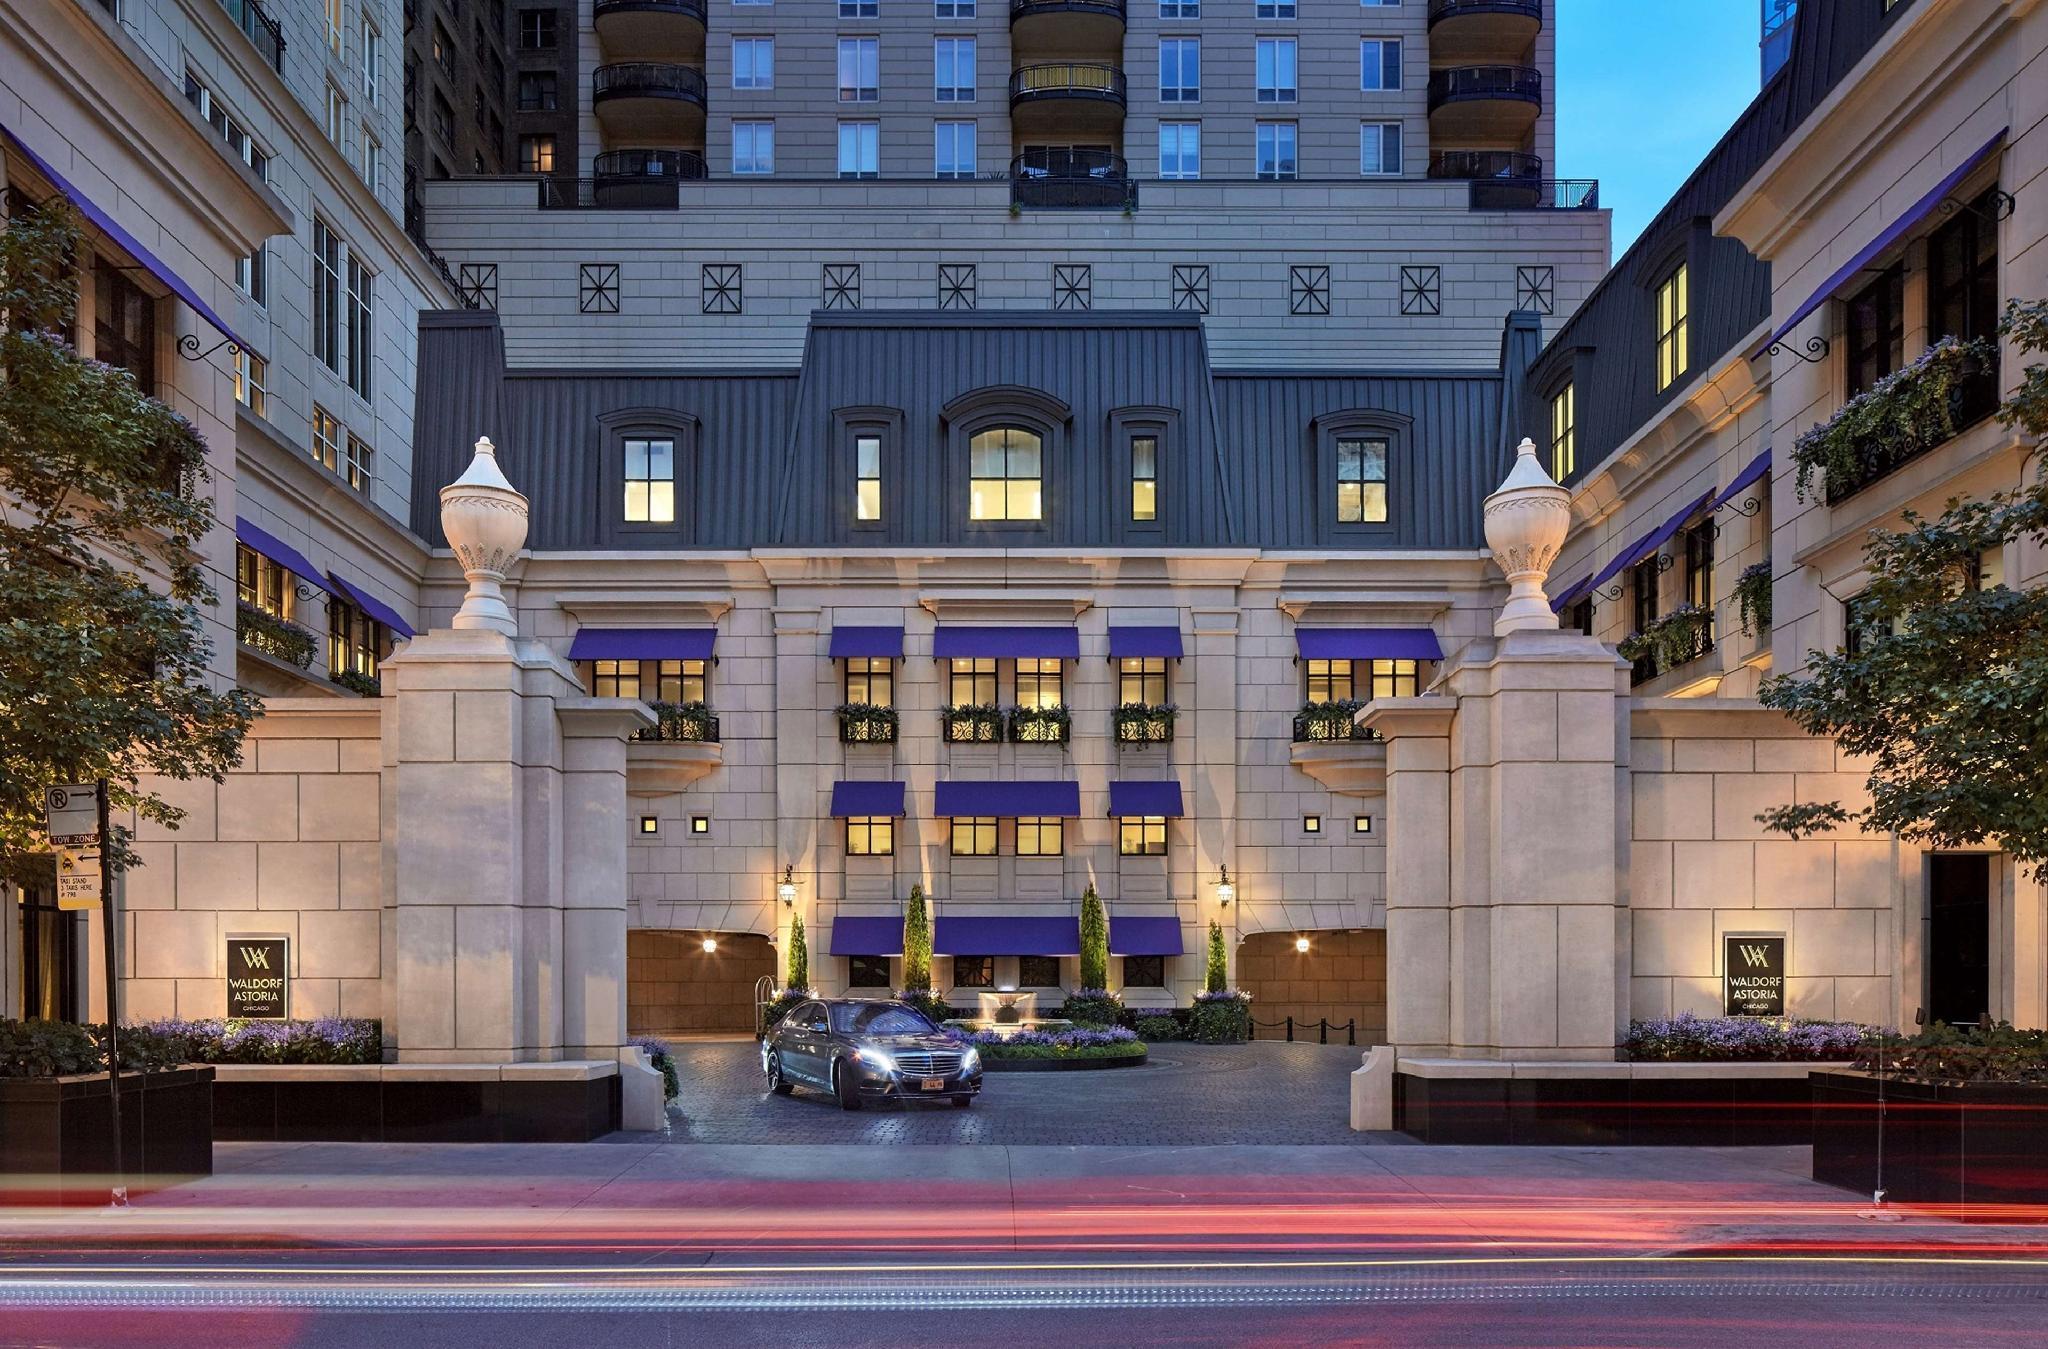 Waldorf Astoria Chicago Hotel